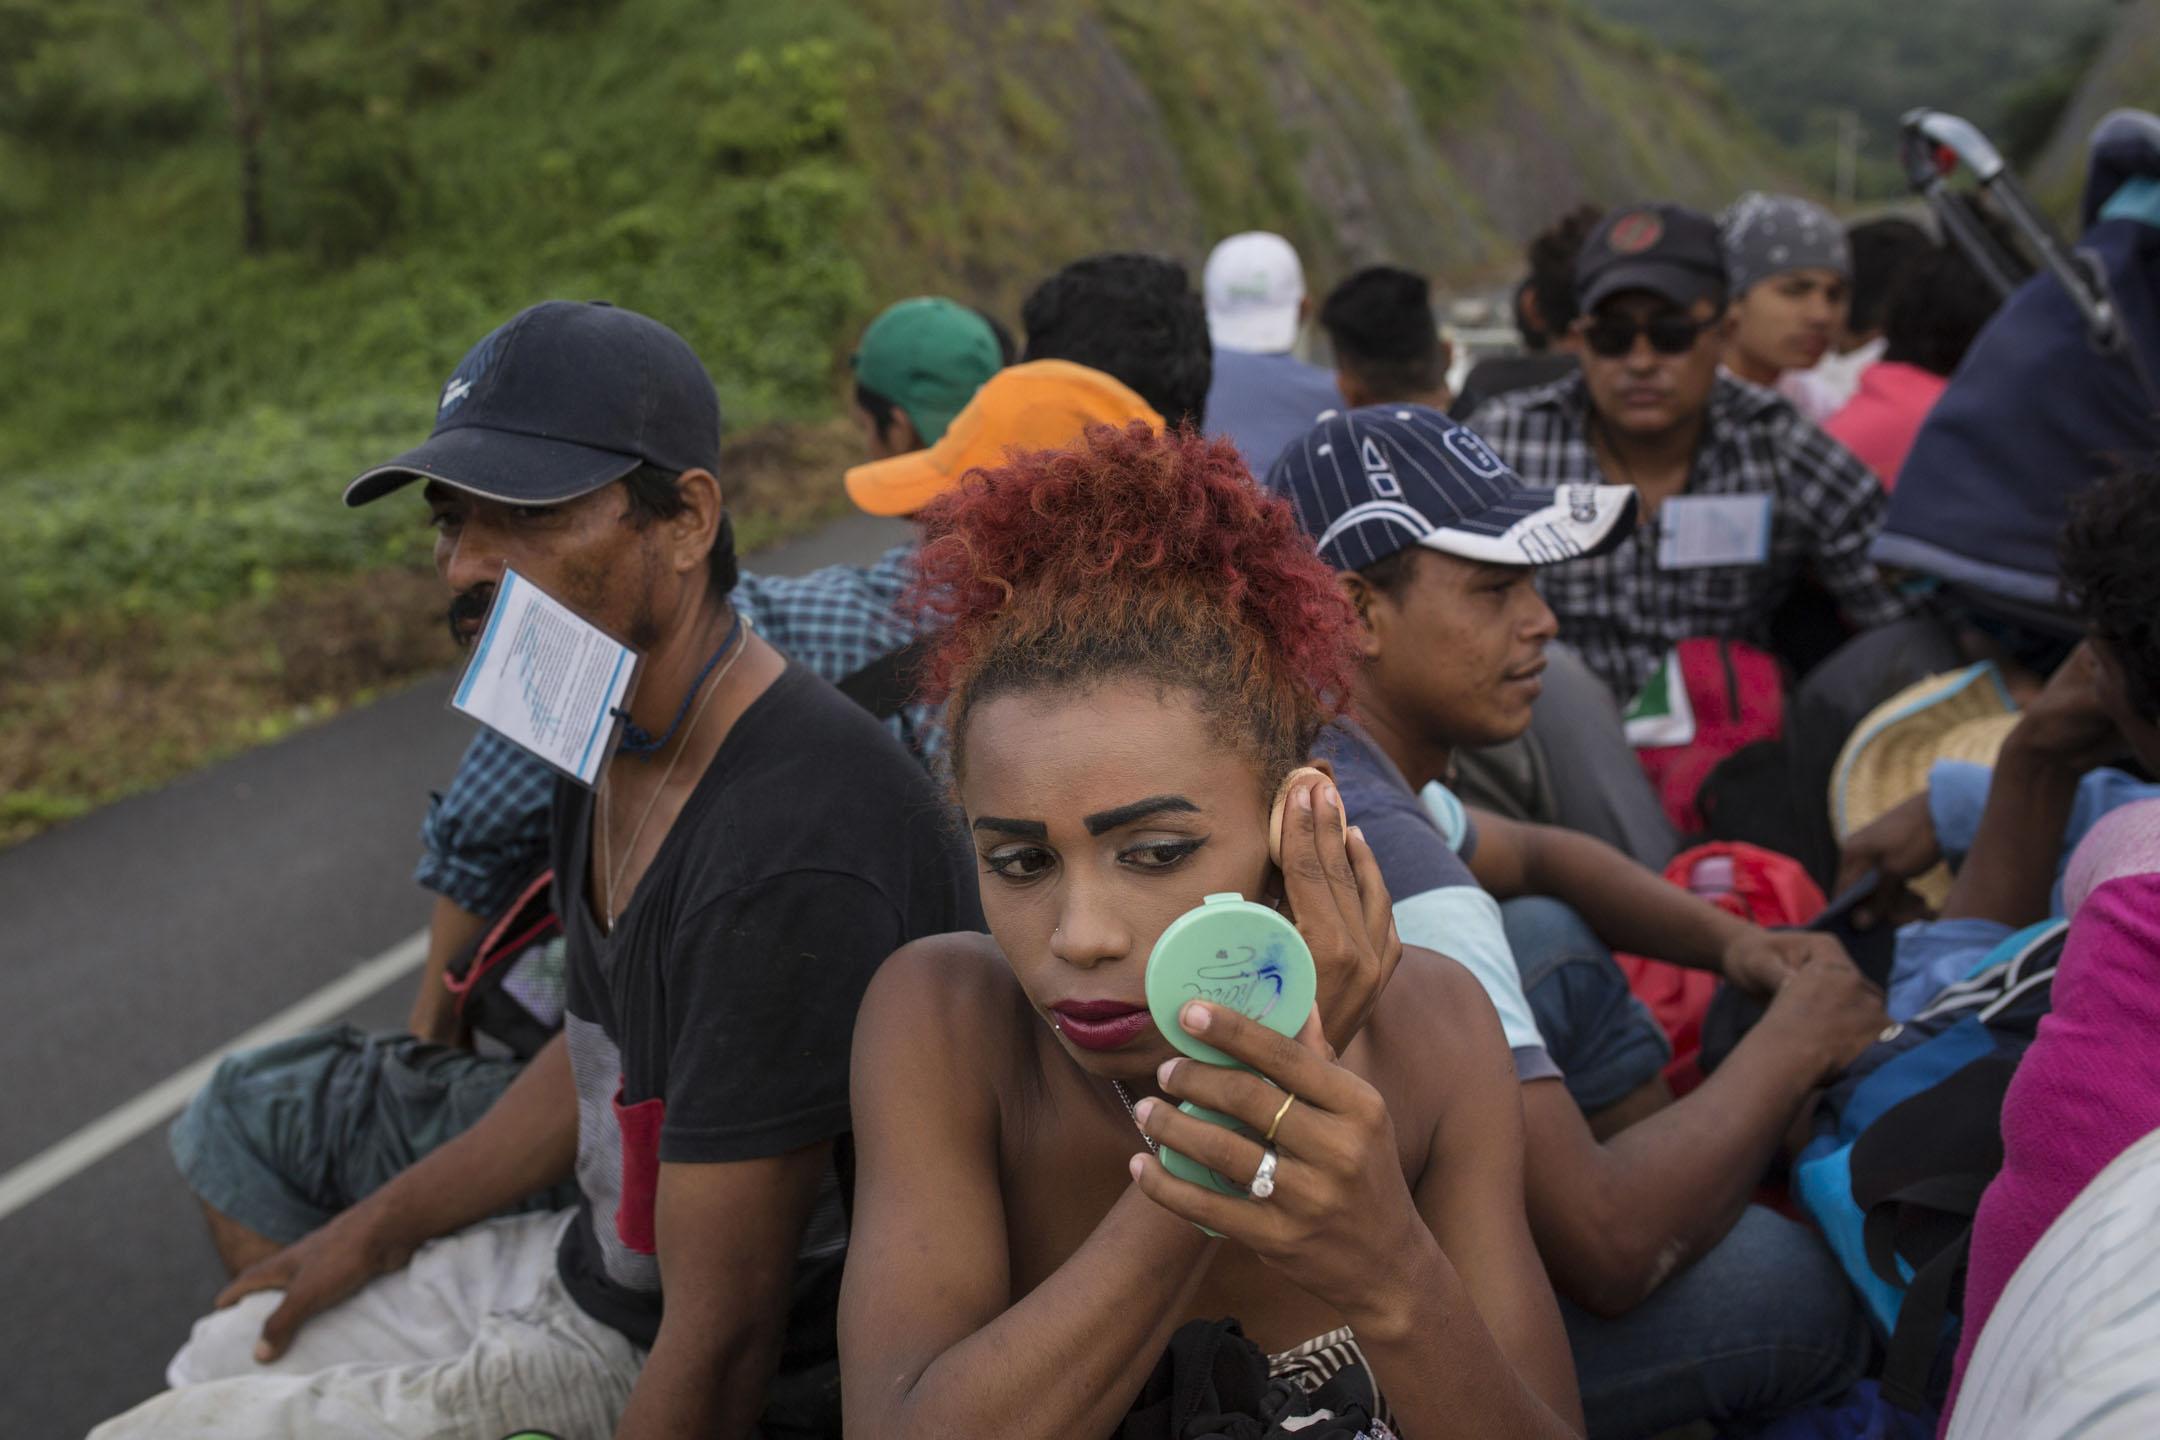 今年24歲的洪都拉斯LGBT移民Alexa Amaya,坐在前往薩尤拉的順風車上補粧,說道「我知道要獲得庇護是很難,但也必須要嘗試的。」 攝:Rodrigo Abd/AP